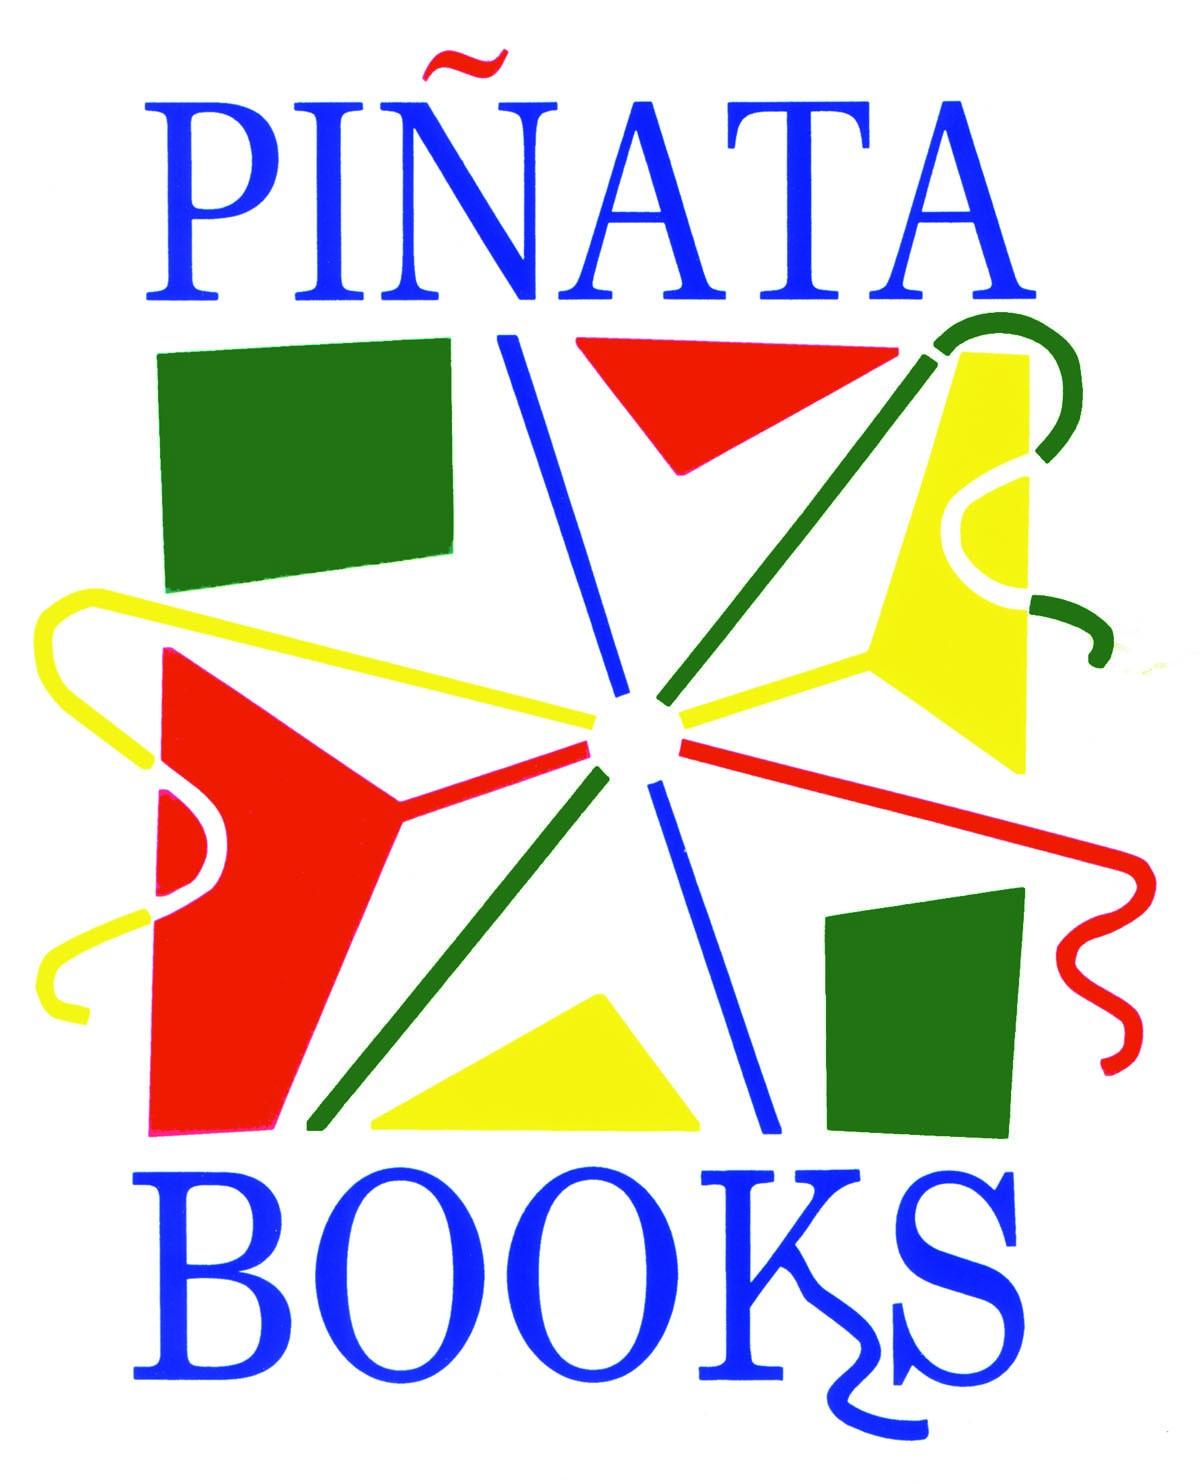 Piñata Books